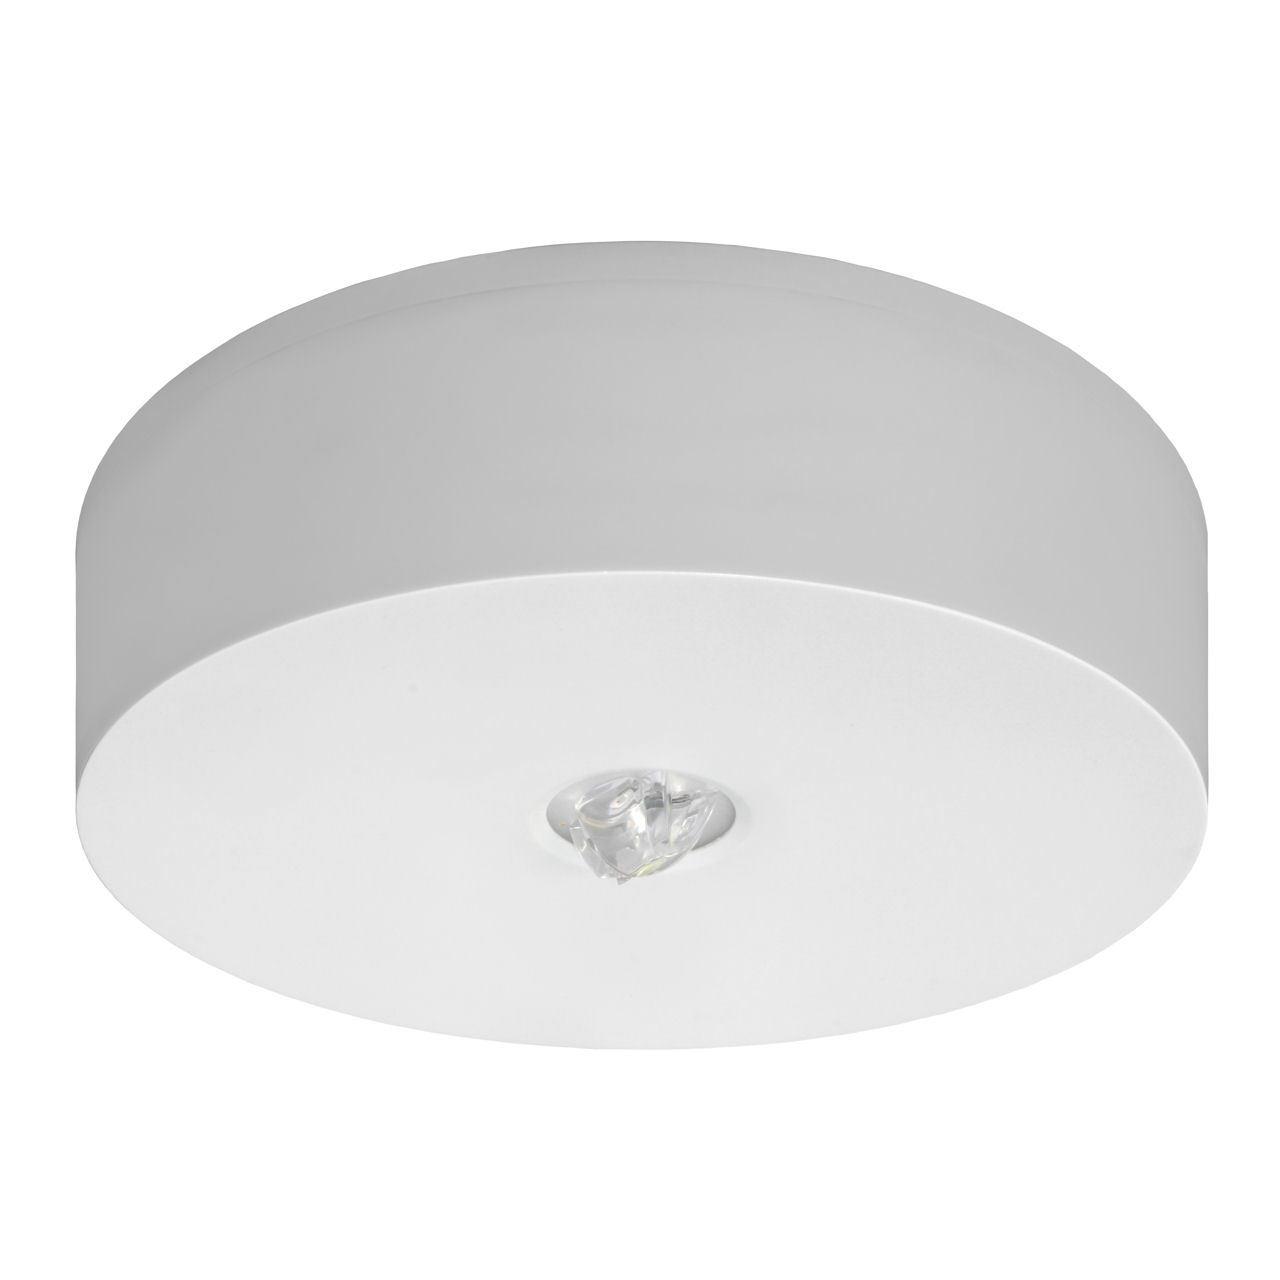 Потолочный светильник IP65/IP42 аварийного освещения на путях эвакуации AXN/C Awex